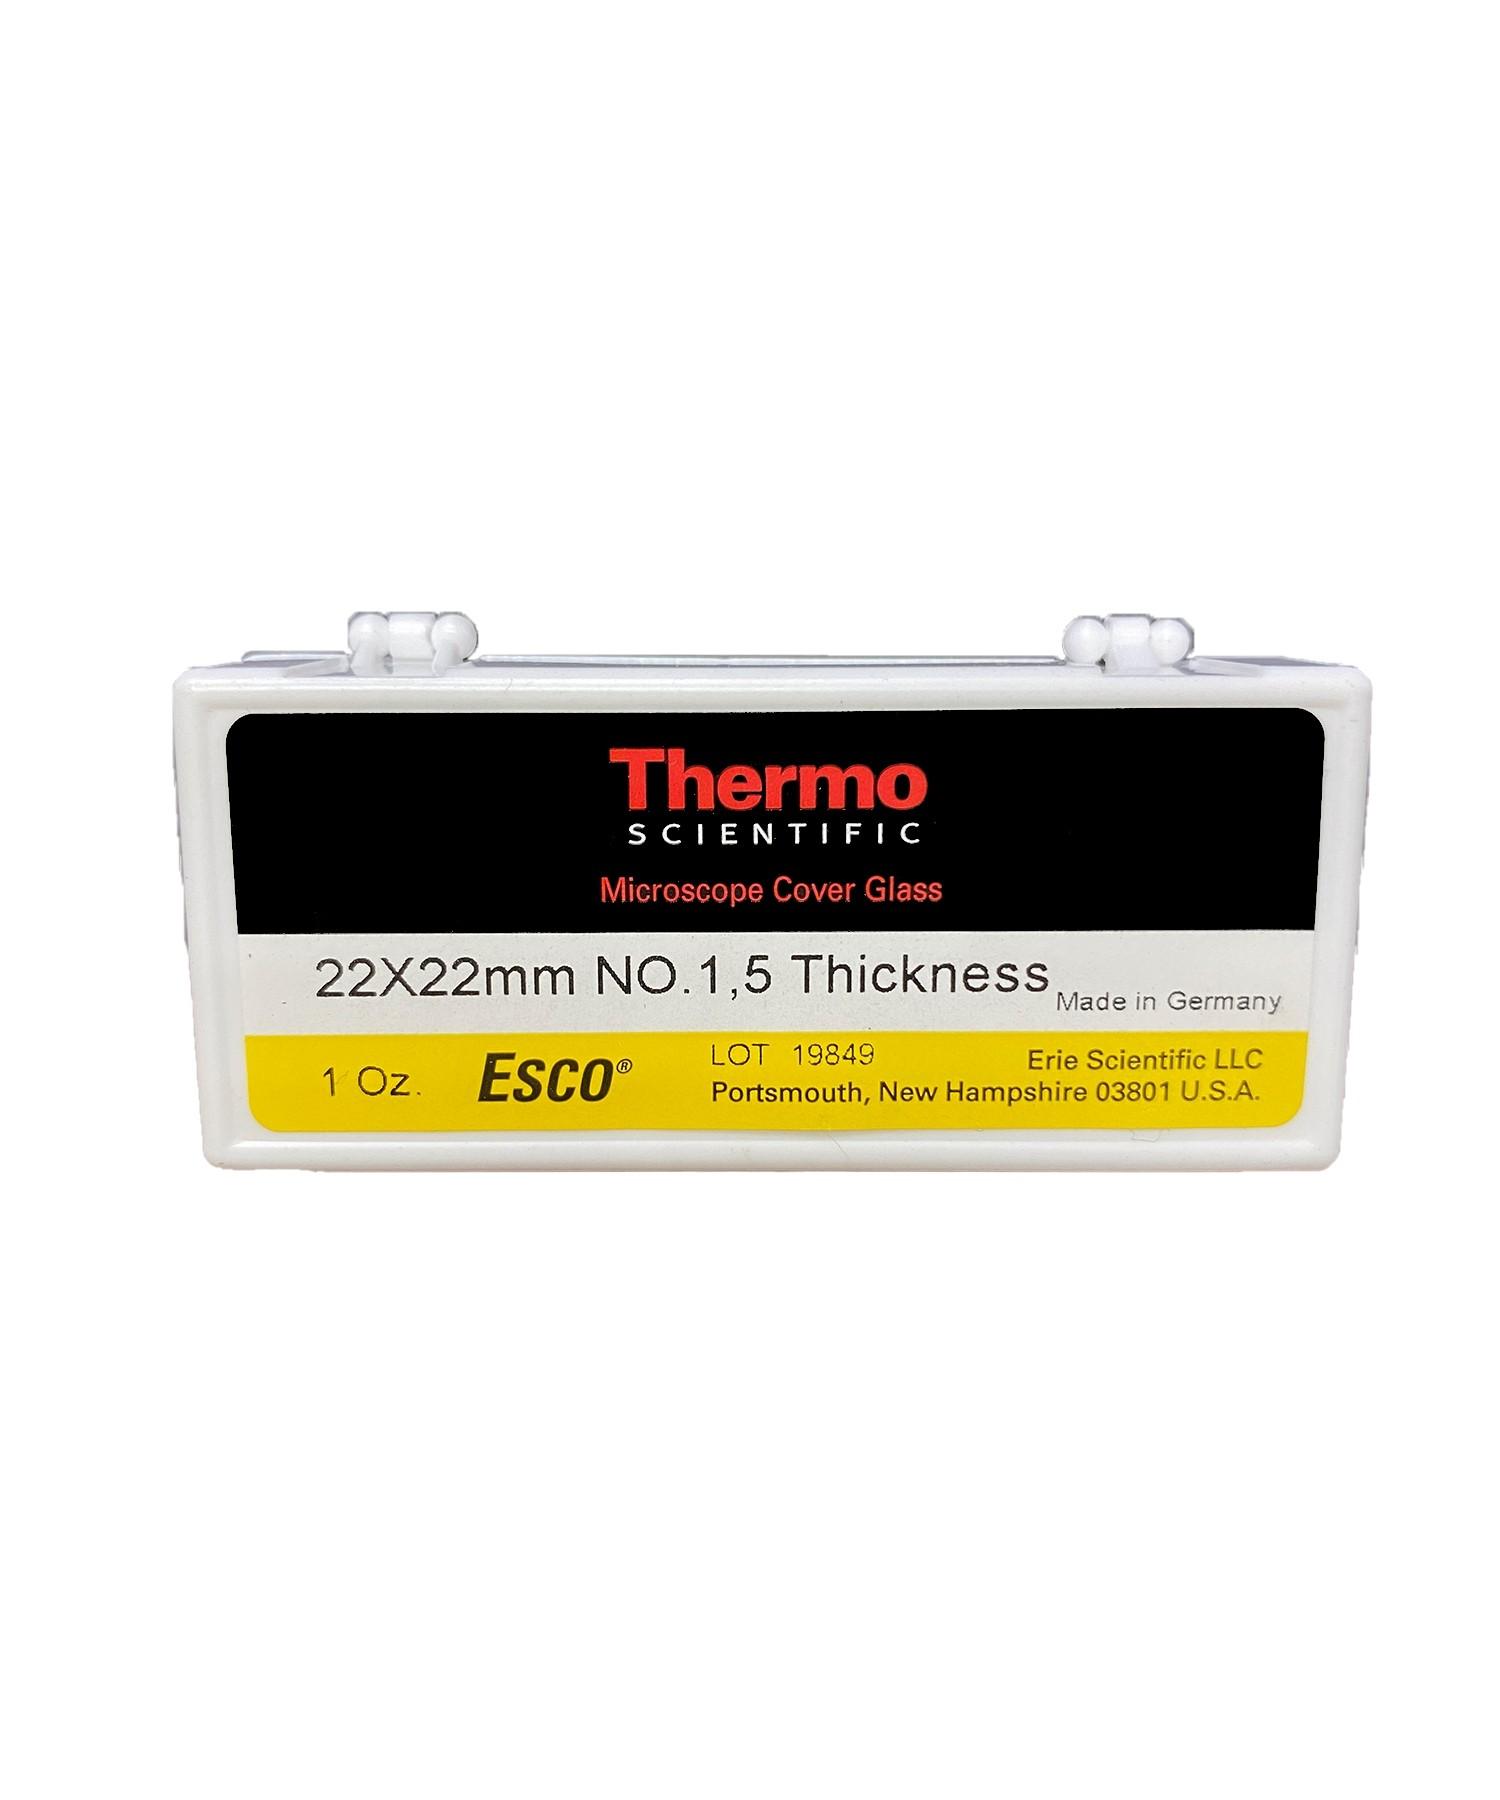 22 x 22mm Cover Glass #1.5, Esco/Epredia (1 OZ Box)